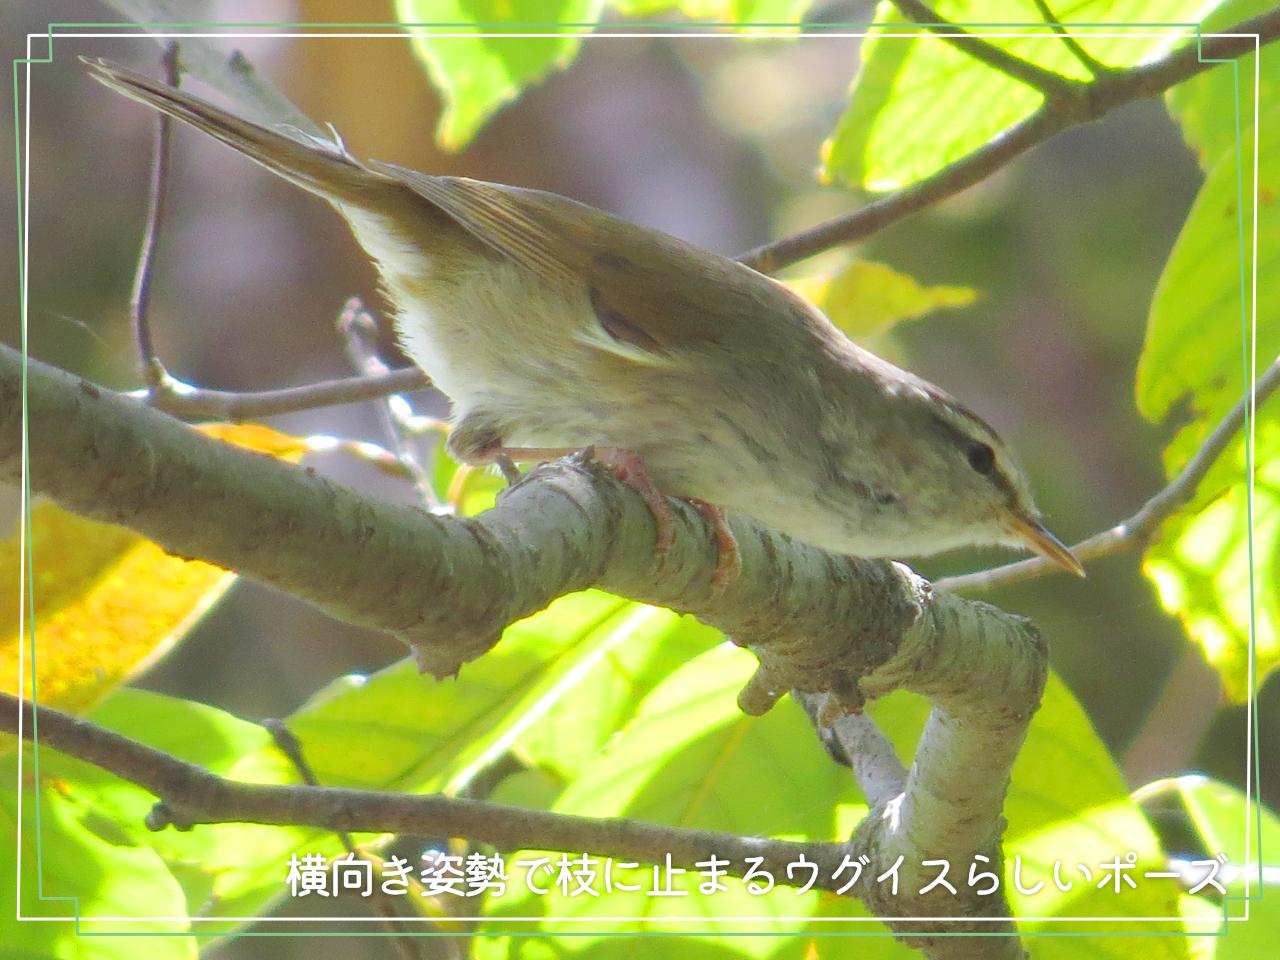 体を横向きにして枝にとまるウグイスの写真